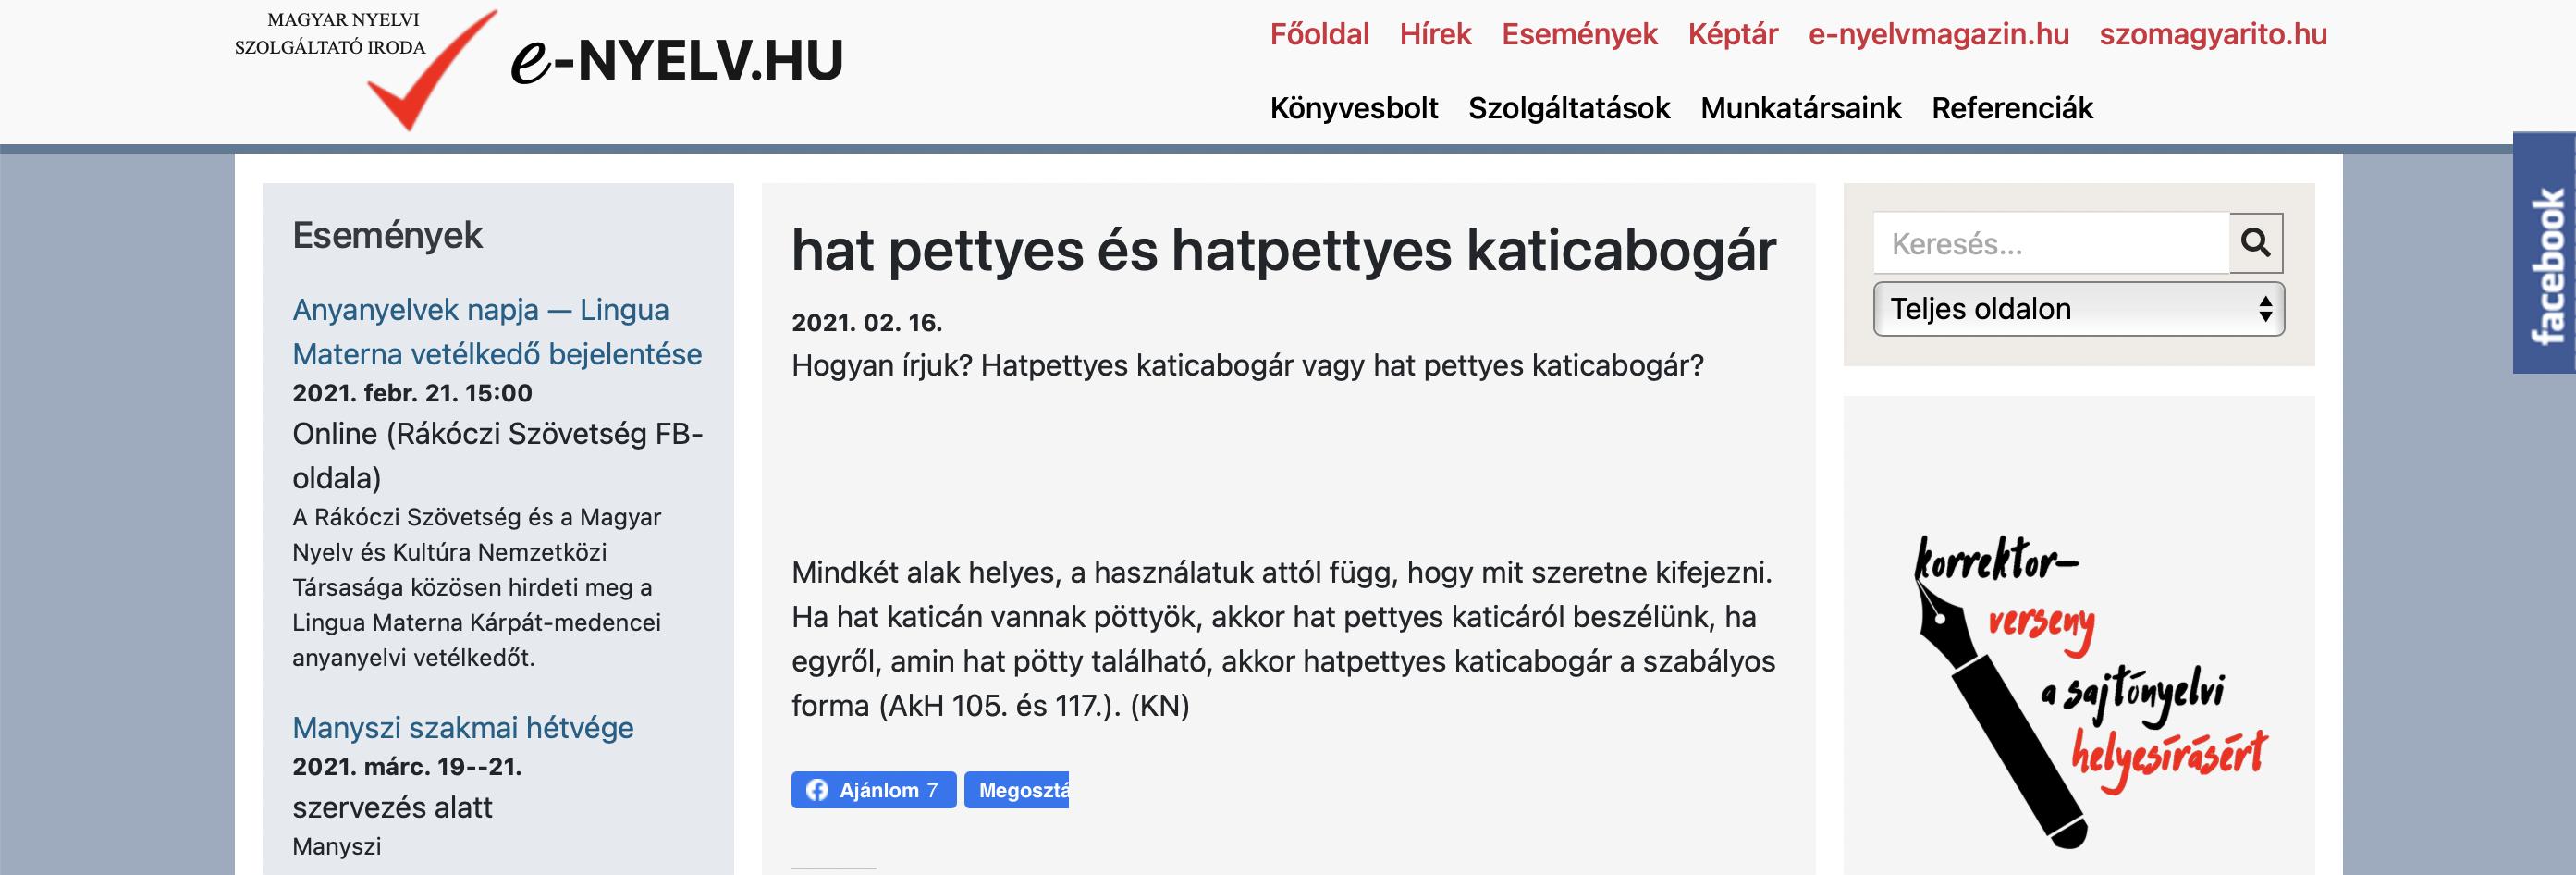 e-nyelv.hu ingyenes nyelvi tanácsadás – Kótis Nikoletta